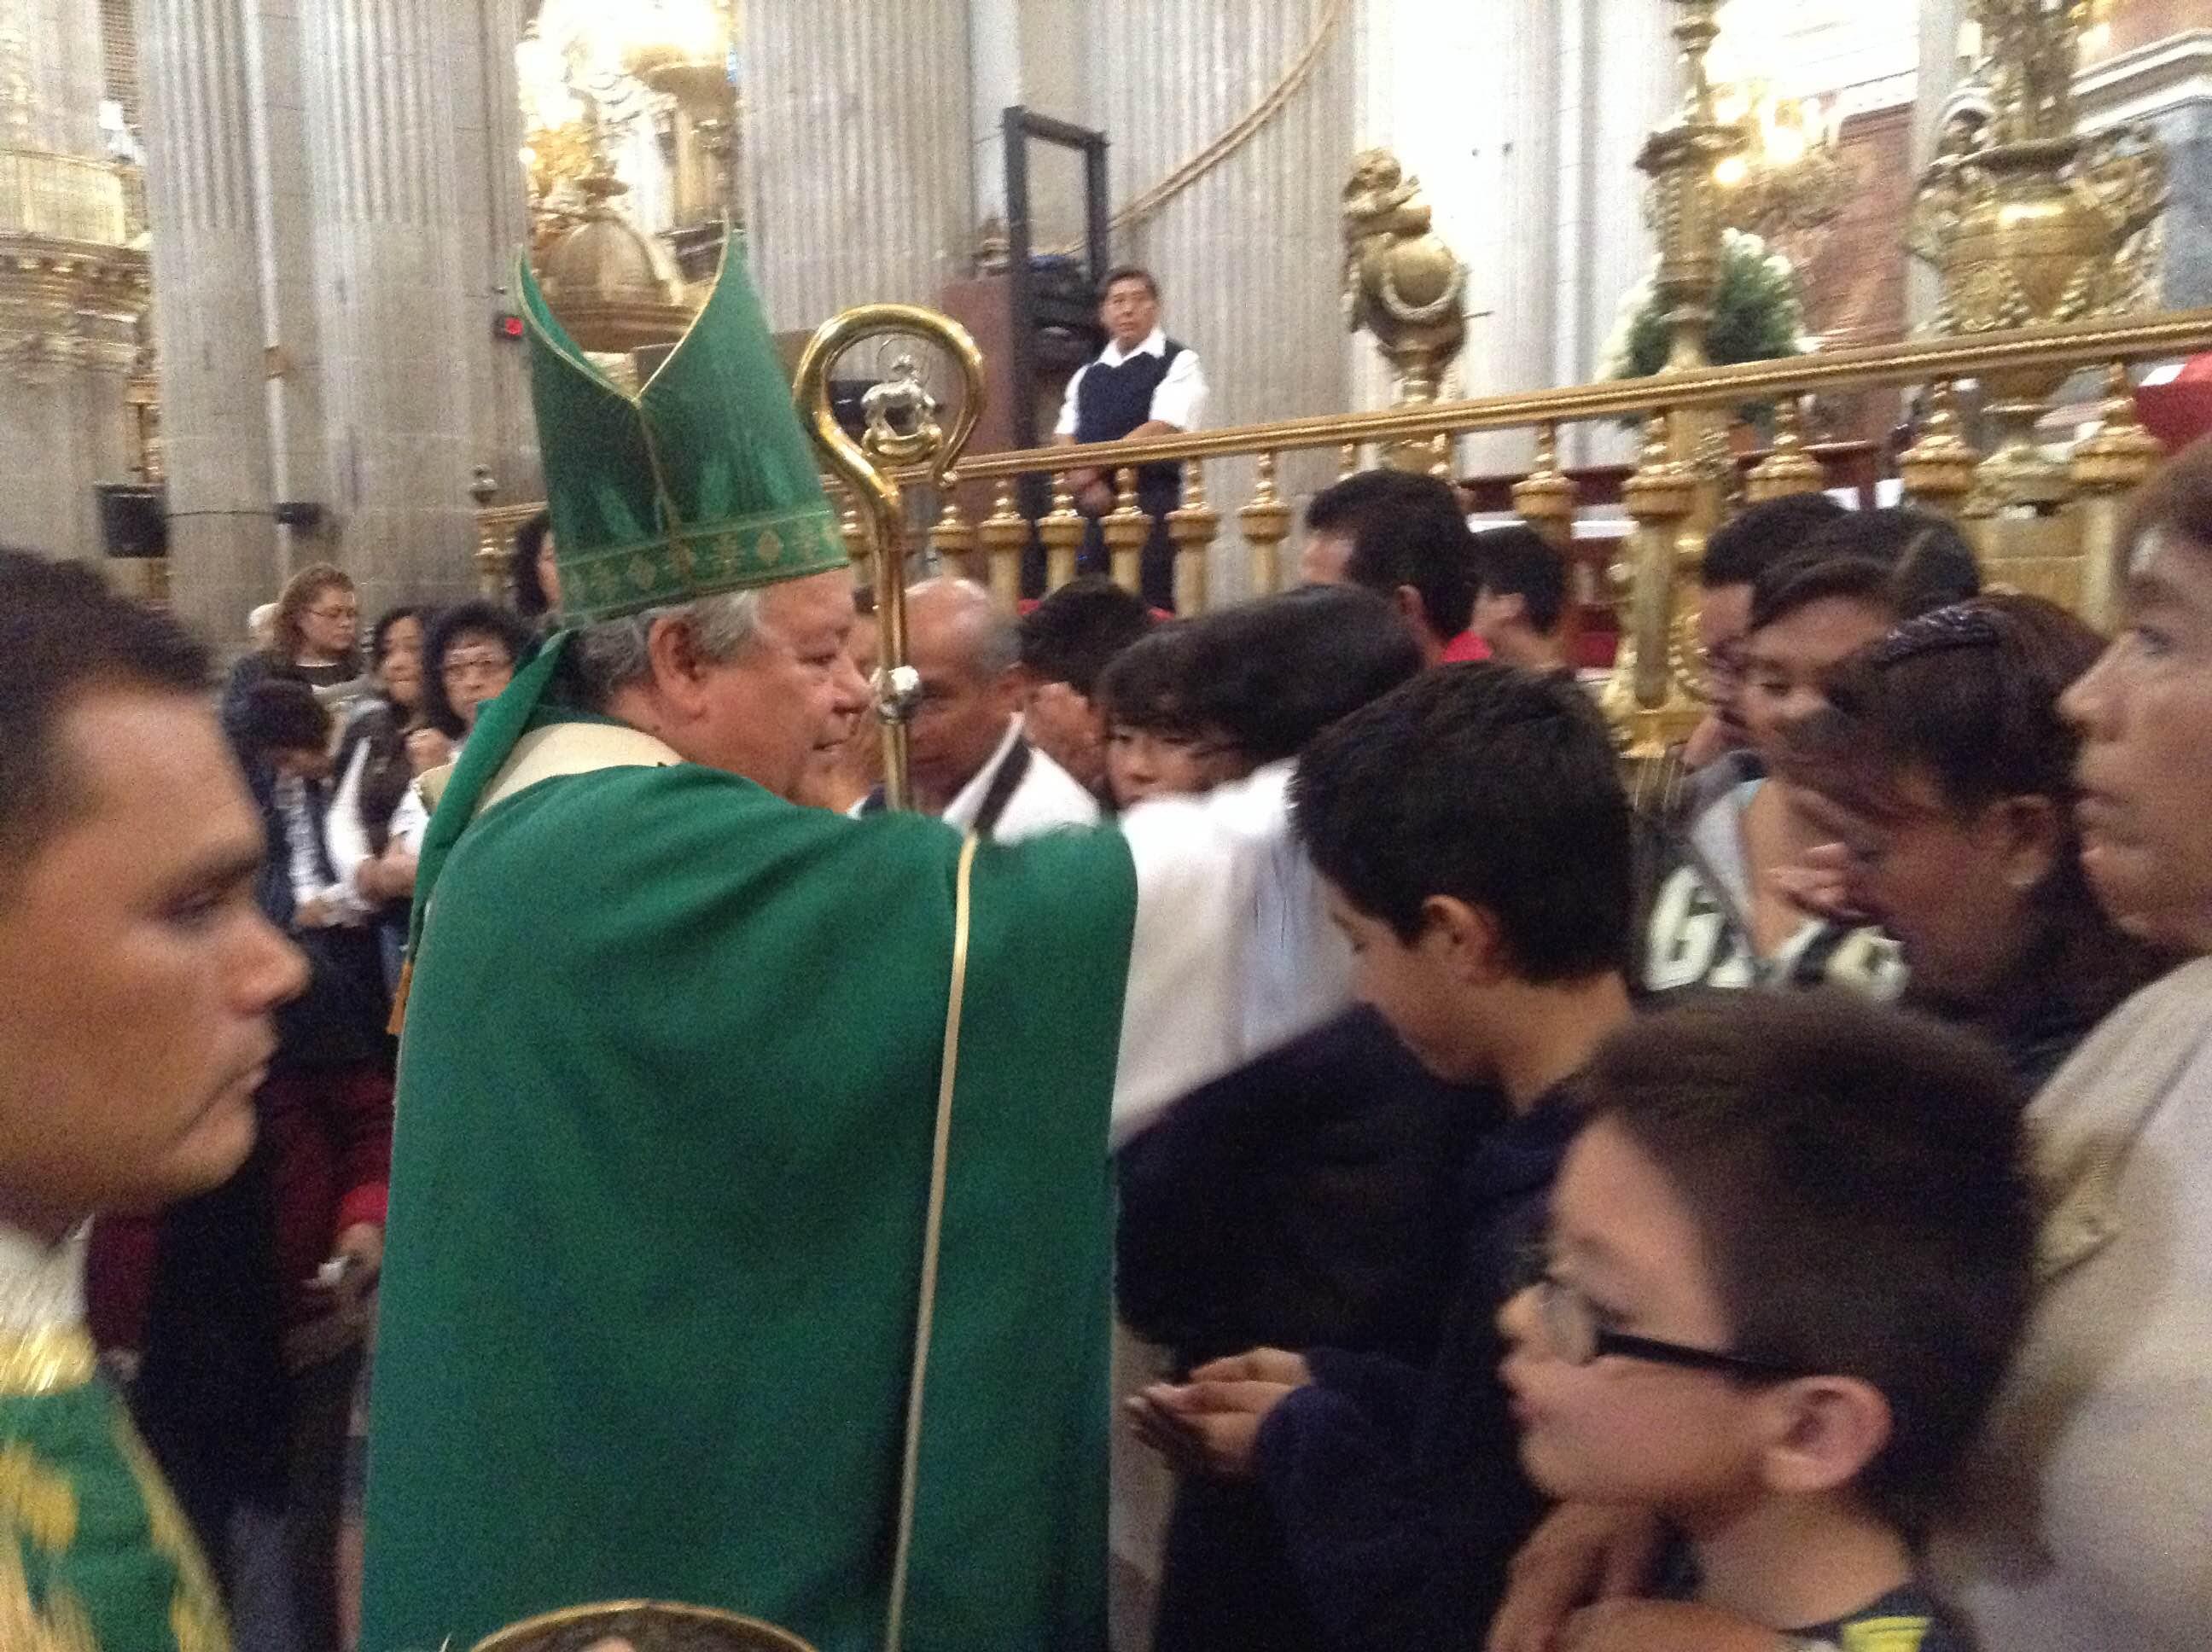 Pide arzobispo reparto de riqueza más  equitativo y solidaridad con los pobres